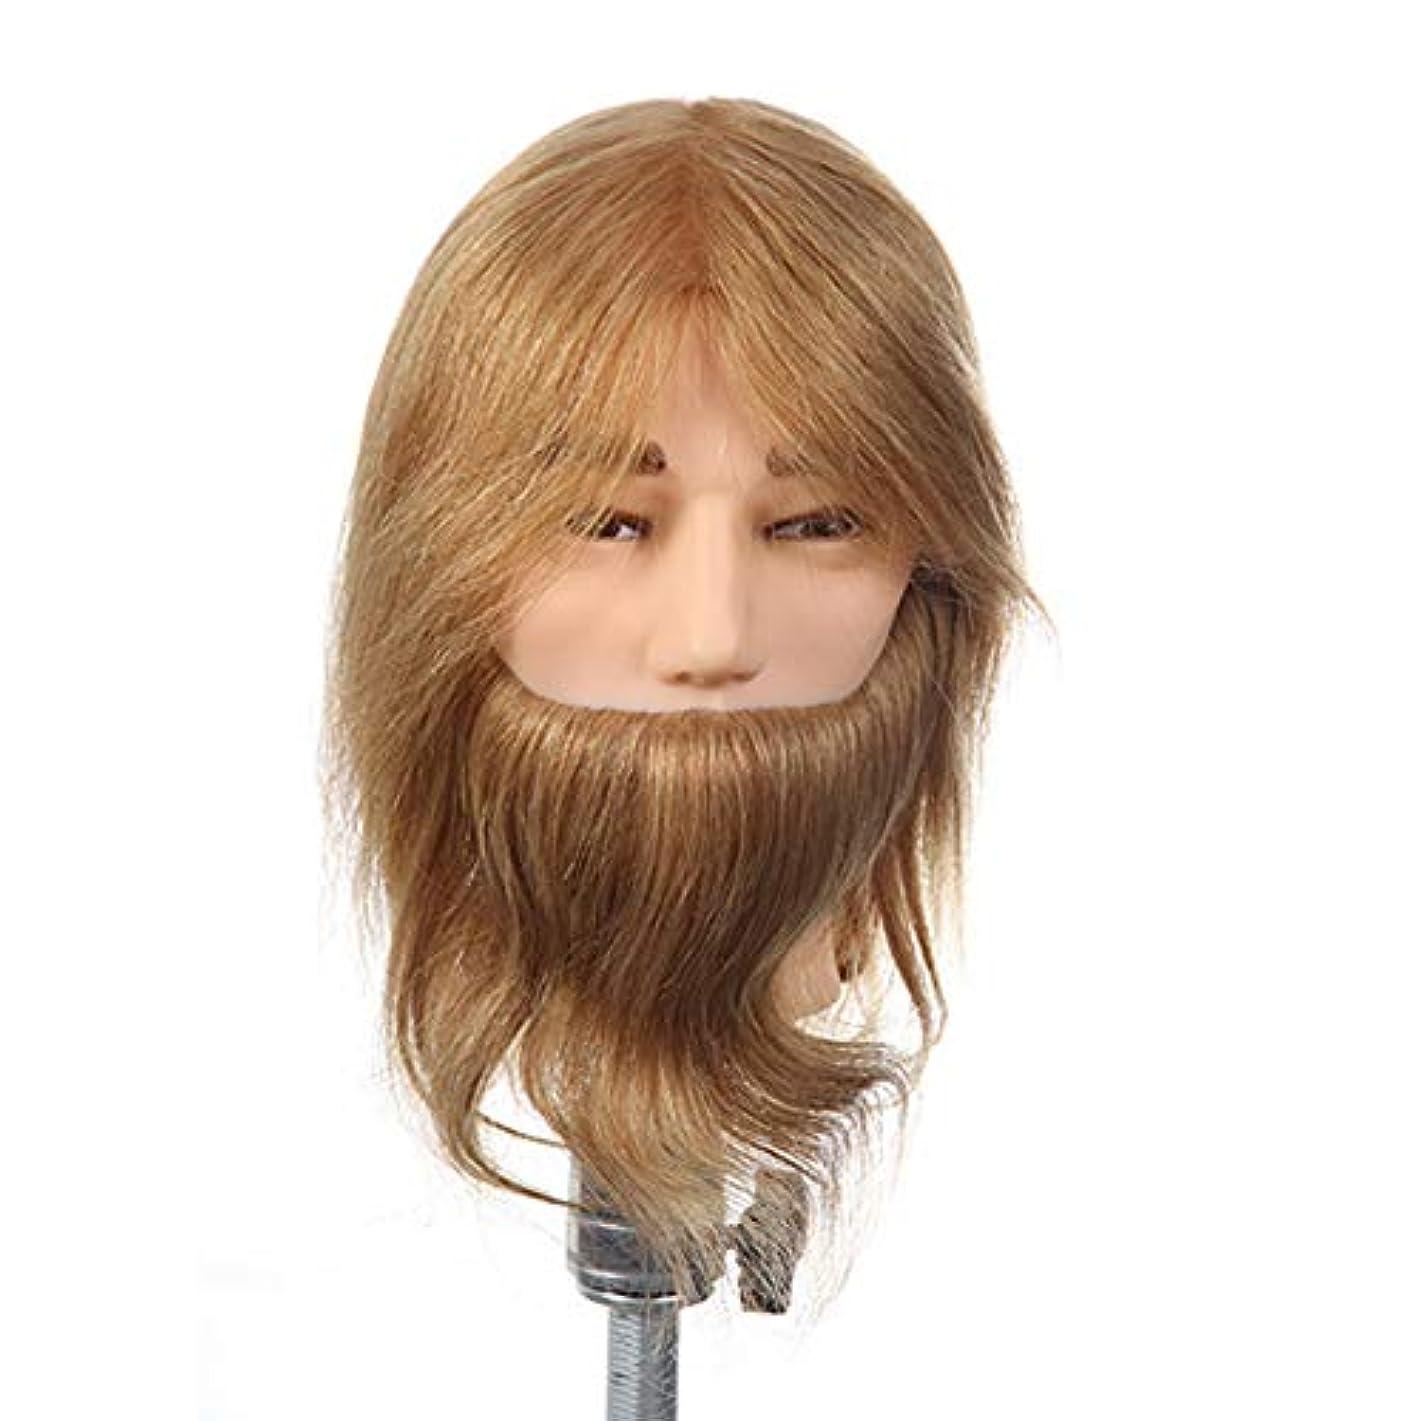 コンドーム請求可能用心深い本物のヘア男性化粧ダミーヘッドヘアサロン学習パーマ染めトリミング髪あごひげマネキンヘッド付き口ひげ指導ヘッド